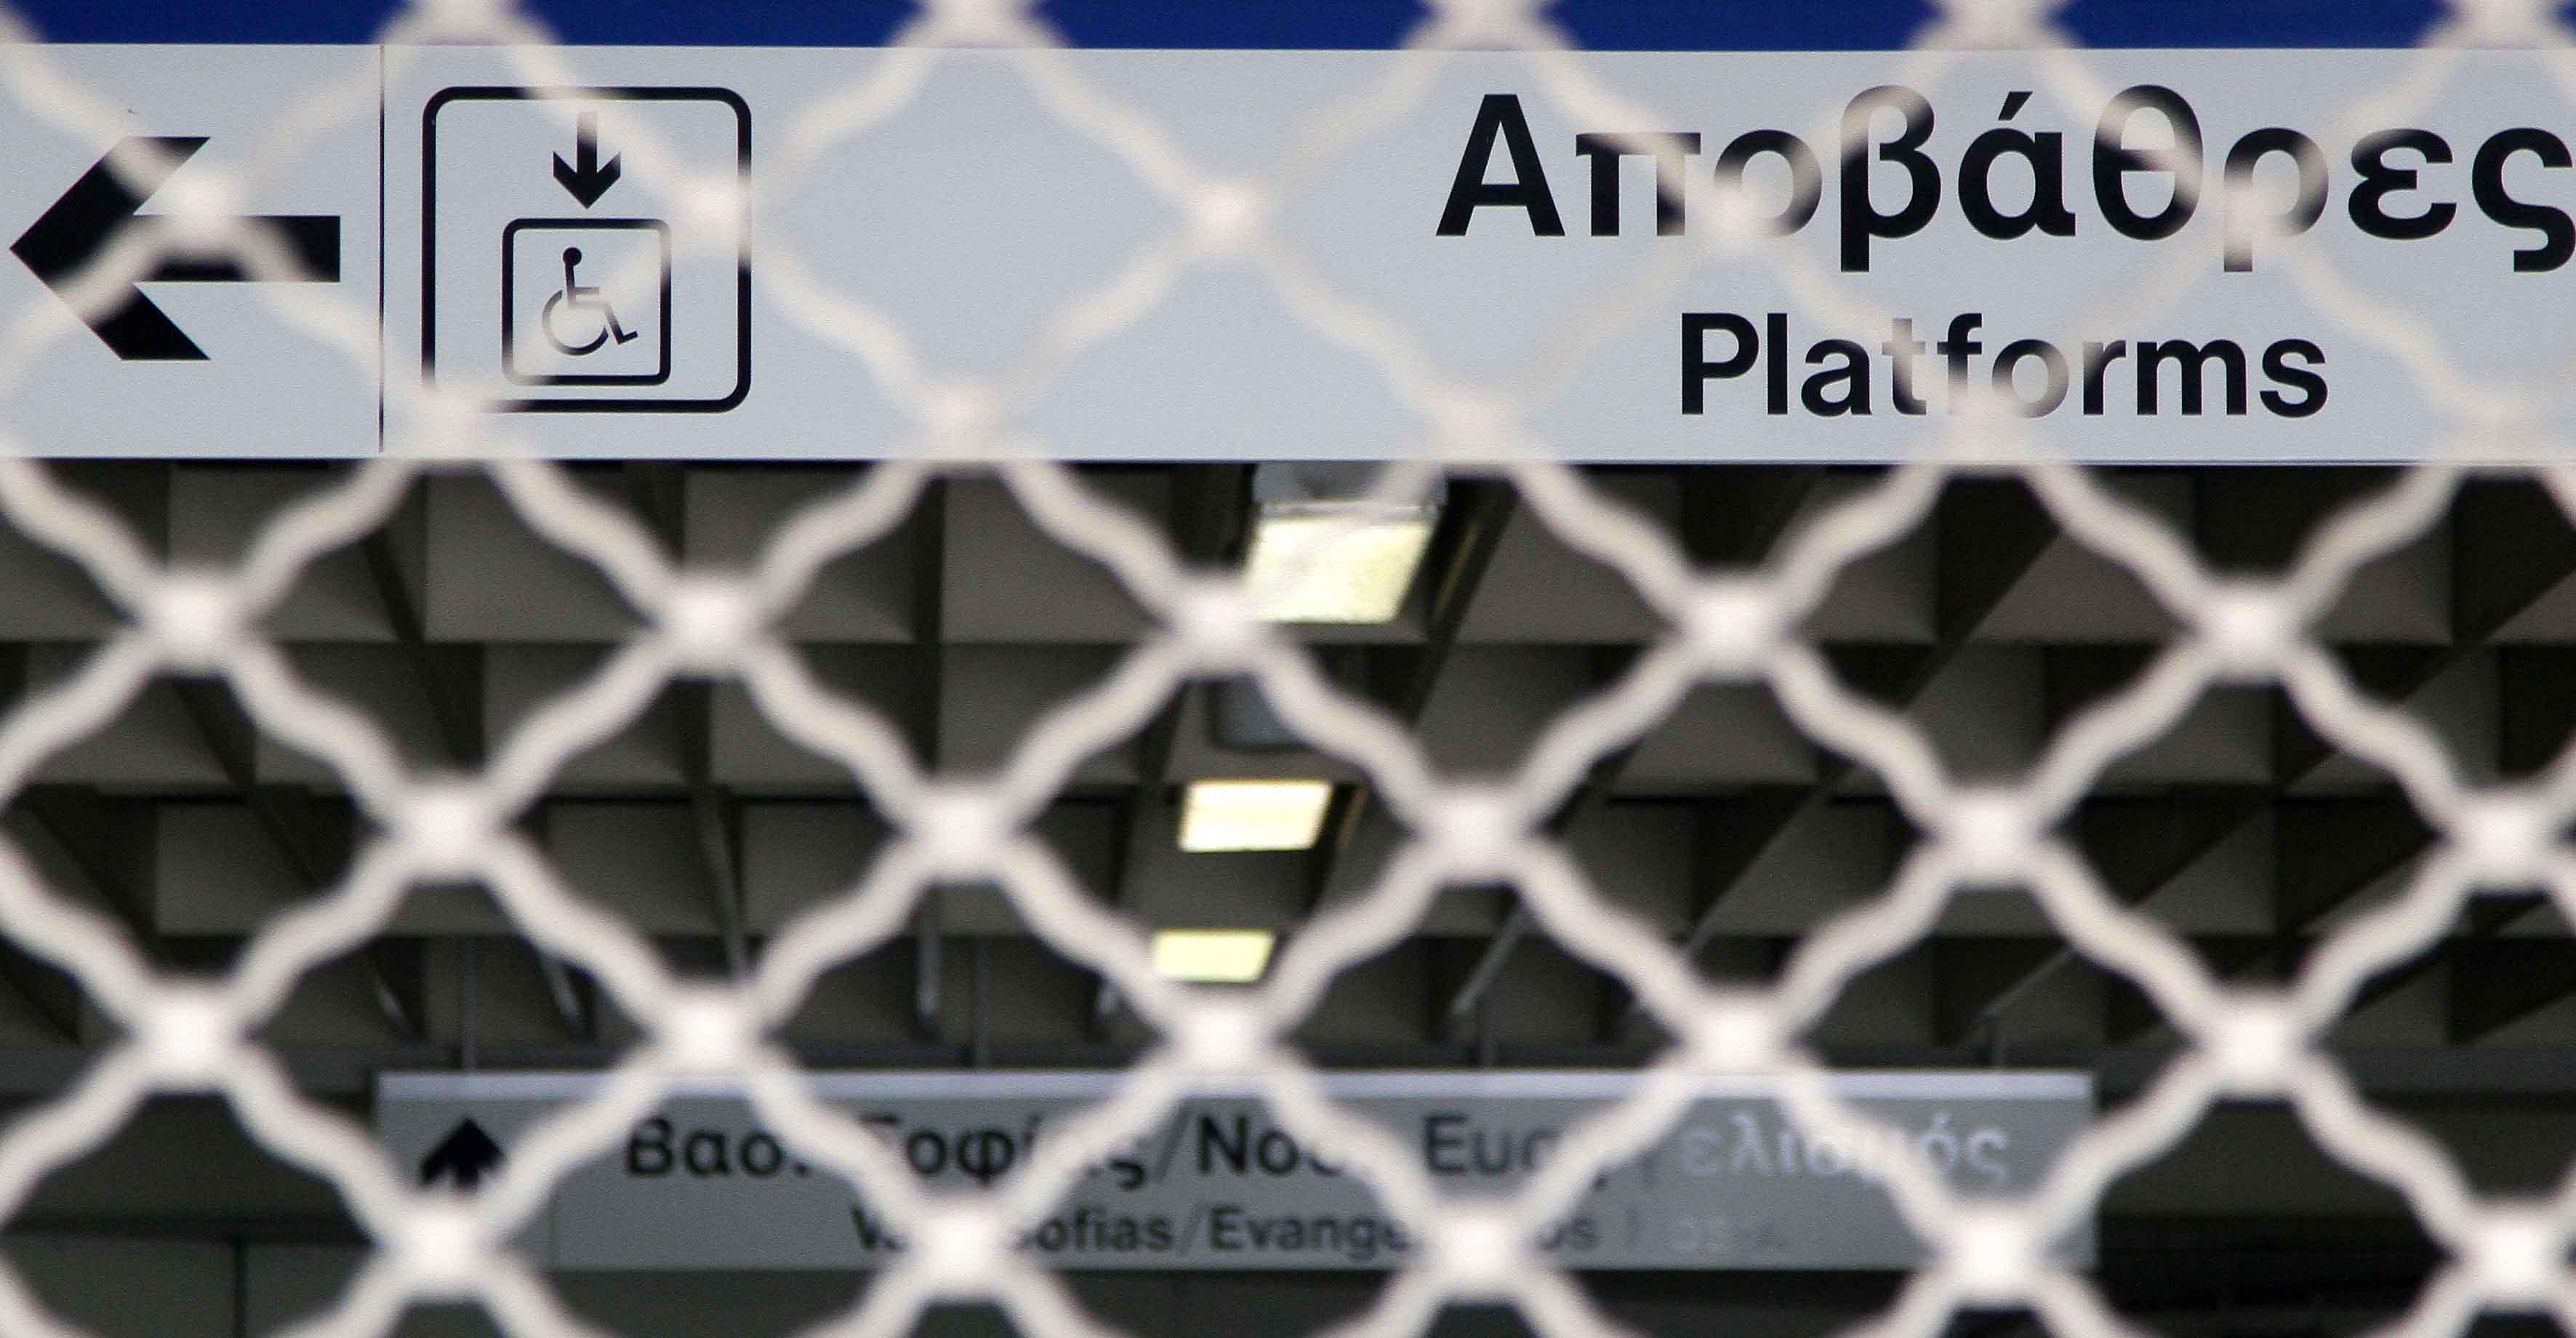 Κλειστοί αύριο σταθμοί του Μετρό από τις 10 το πρωί